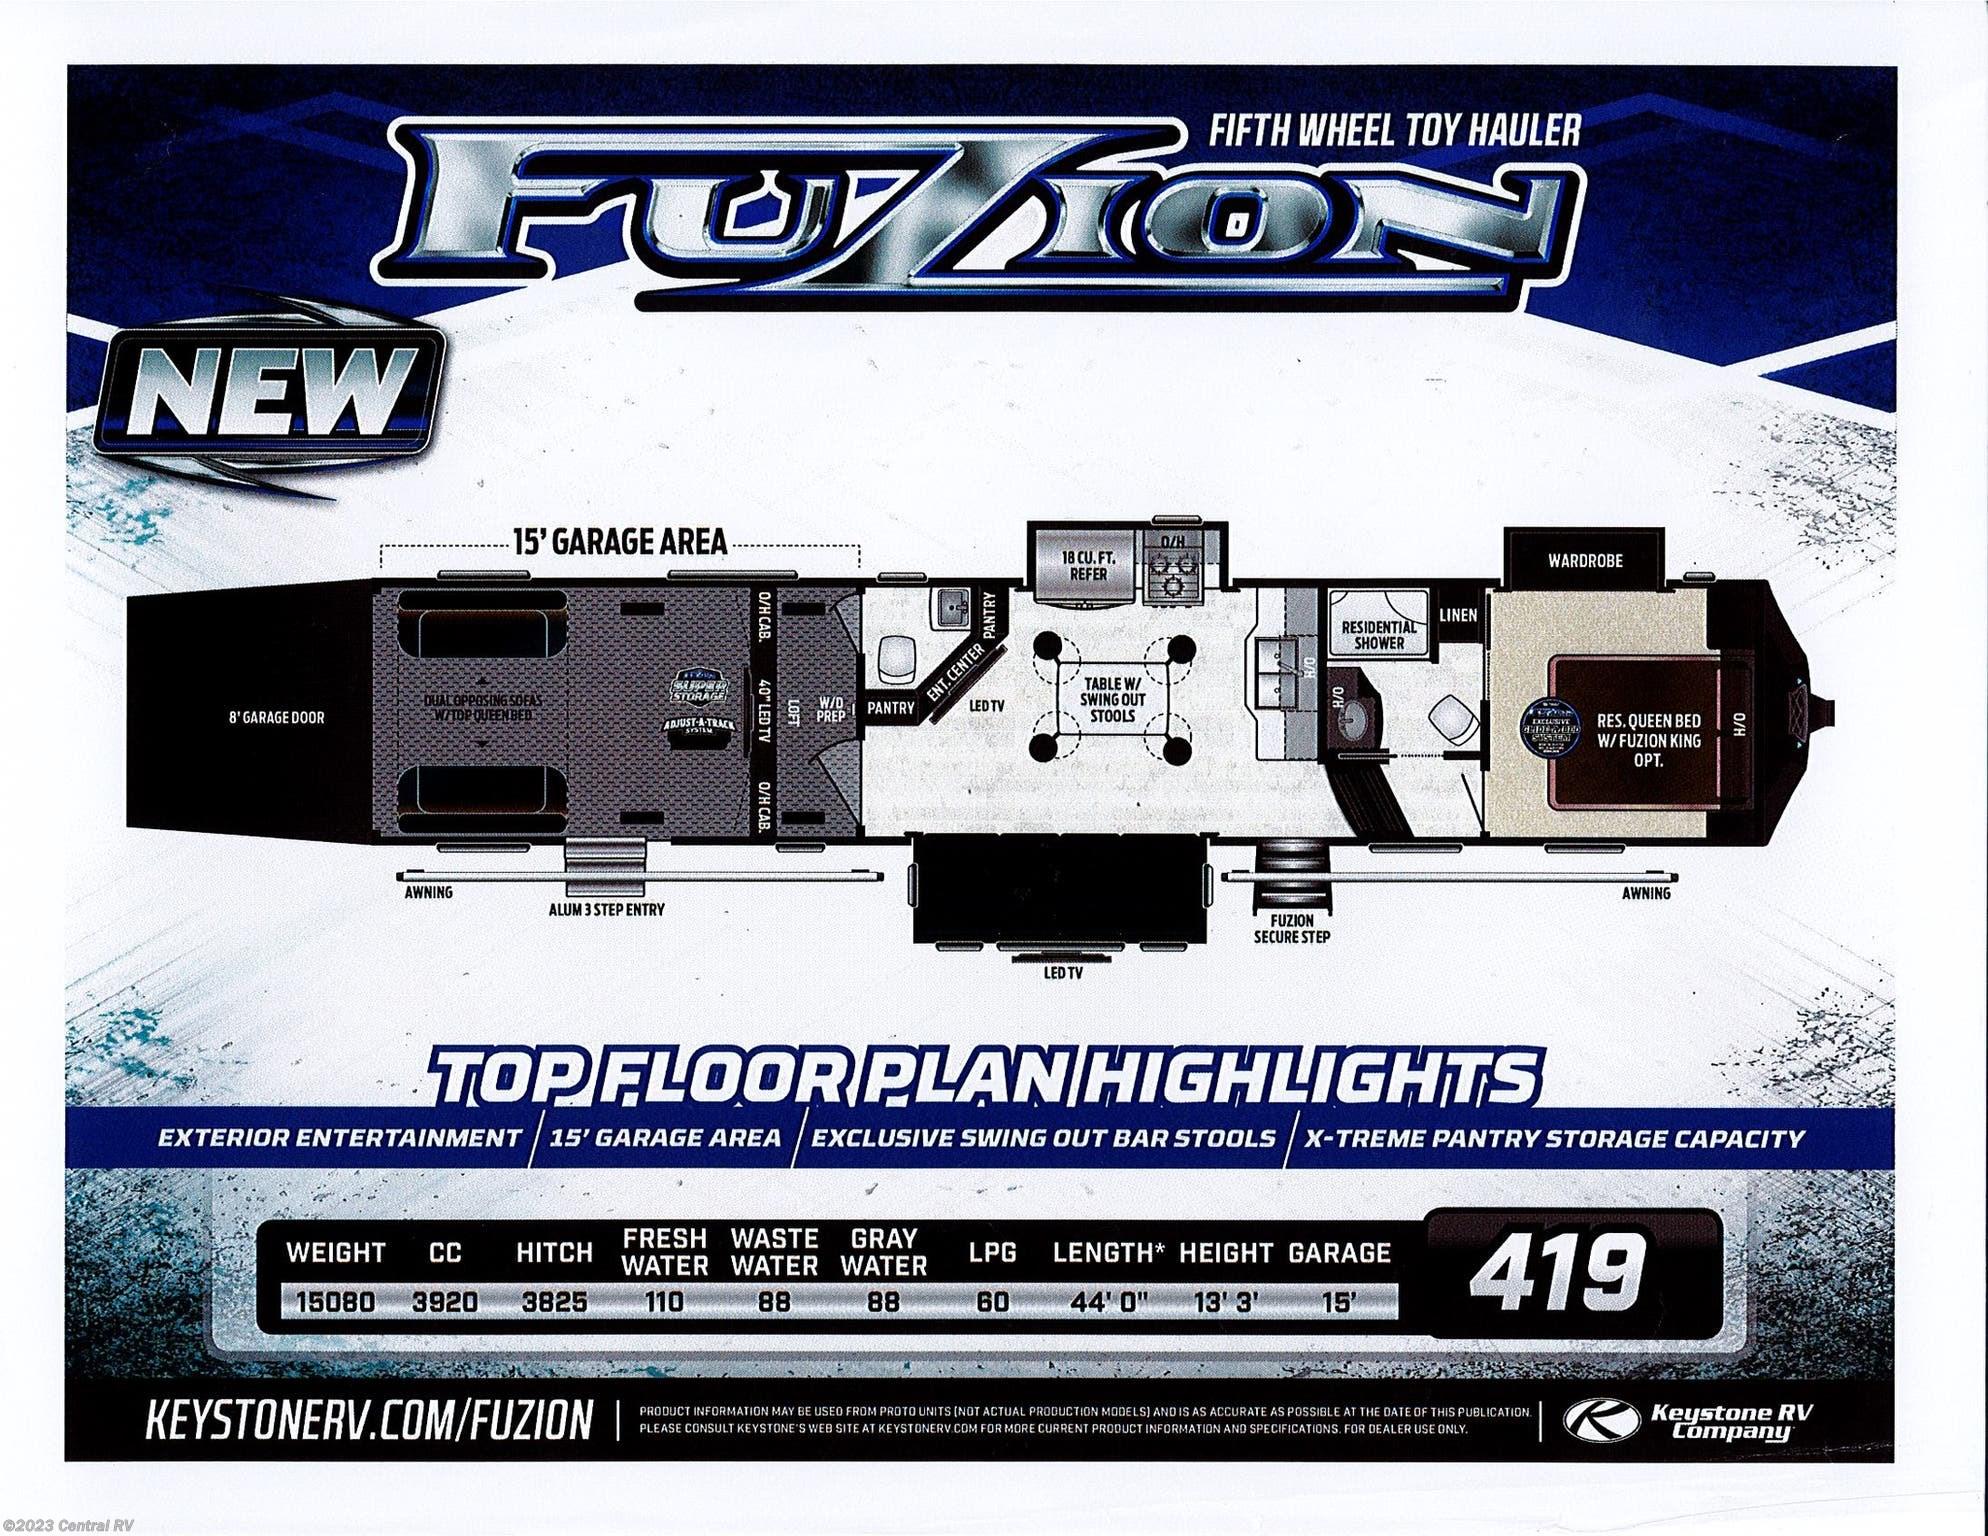 2019 Keystone Rv Fuzion 419 For Sale In Ottawa Ks 66067 659784 Cable Tv Wiring Diagram Previous